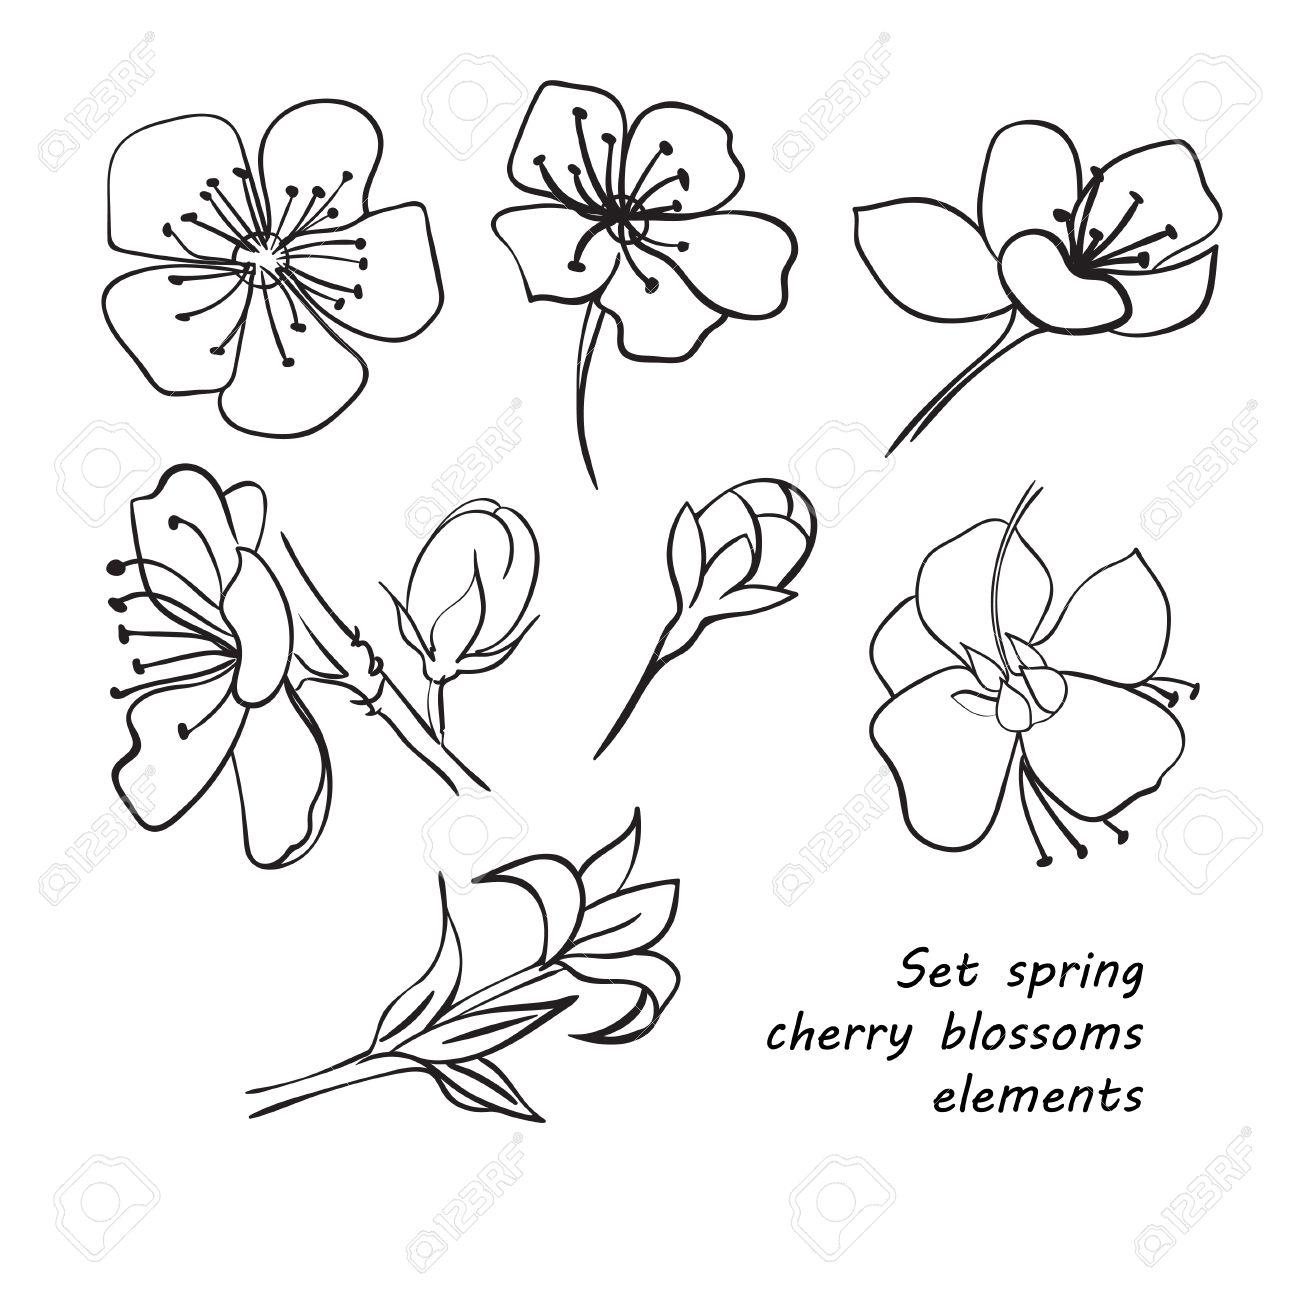 Conjunto De Flor De Las Flores De Primavera De Cerezo Dibujo A Mano